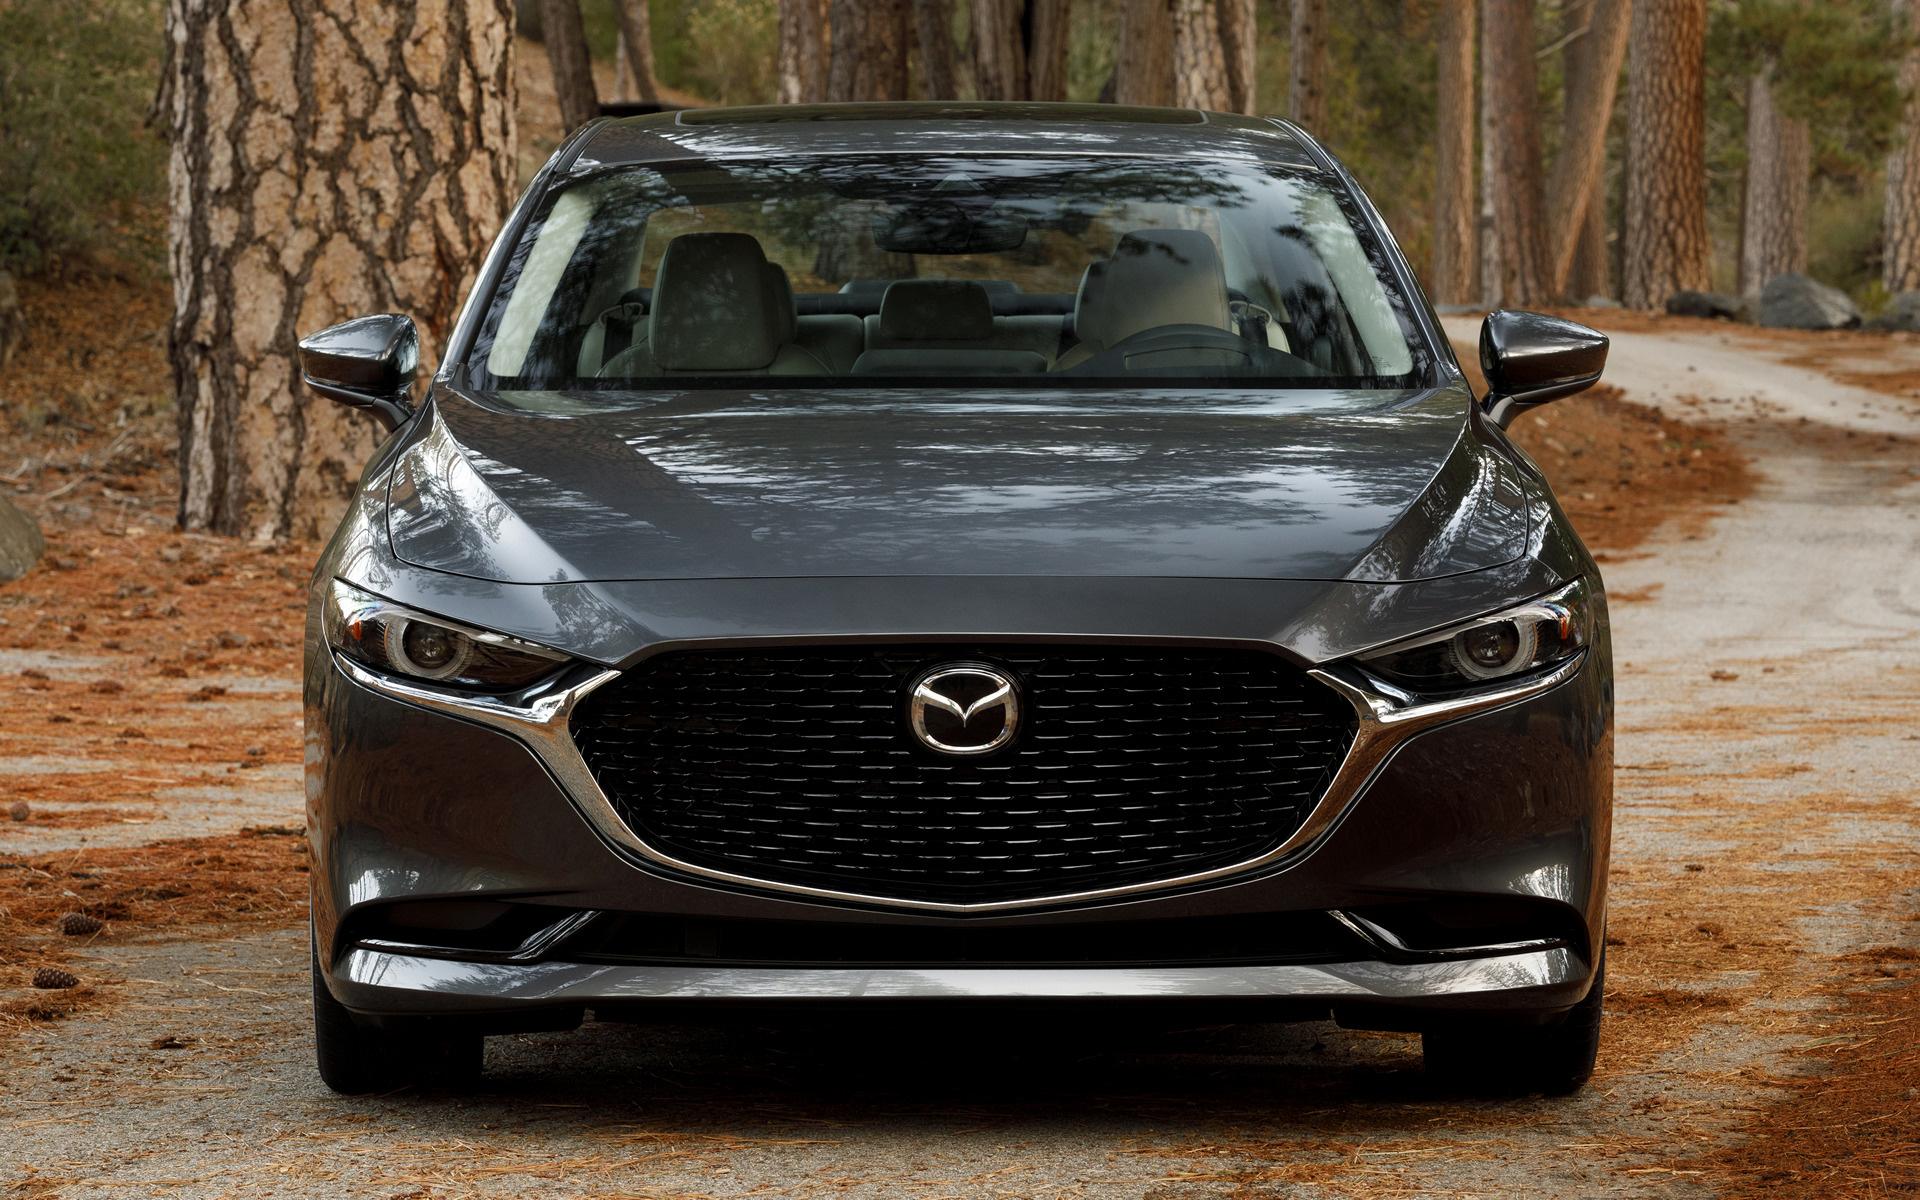 2020 Mazda3 Sedan (US) - Wallpapers and HD Images | Car Pixel